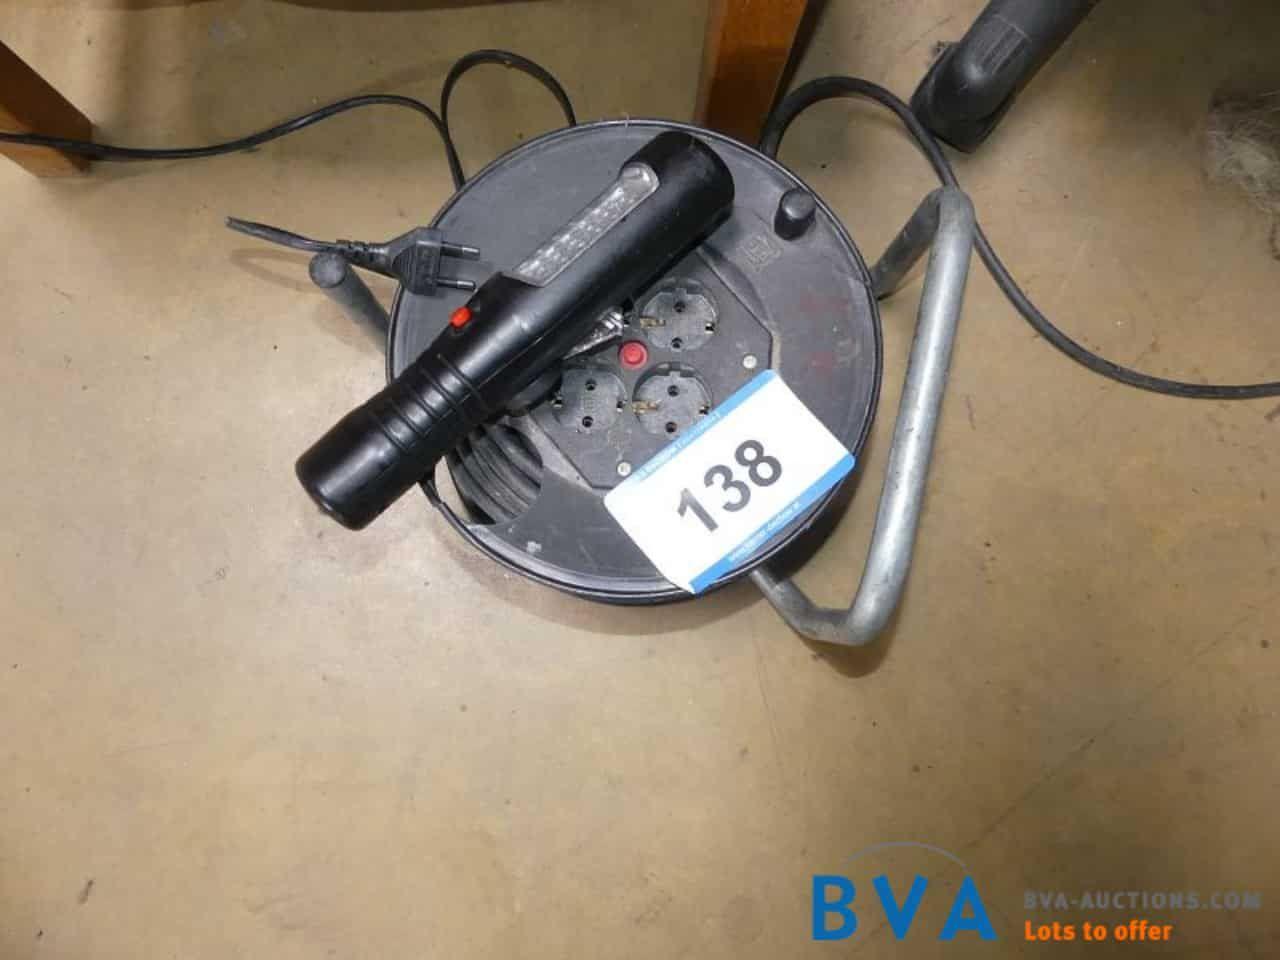 Kabeltrommel 220 V und Handlampe LED